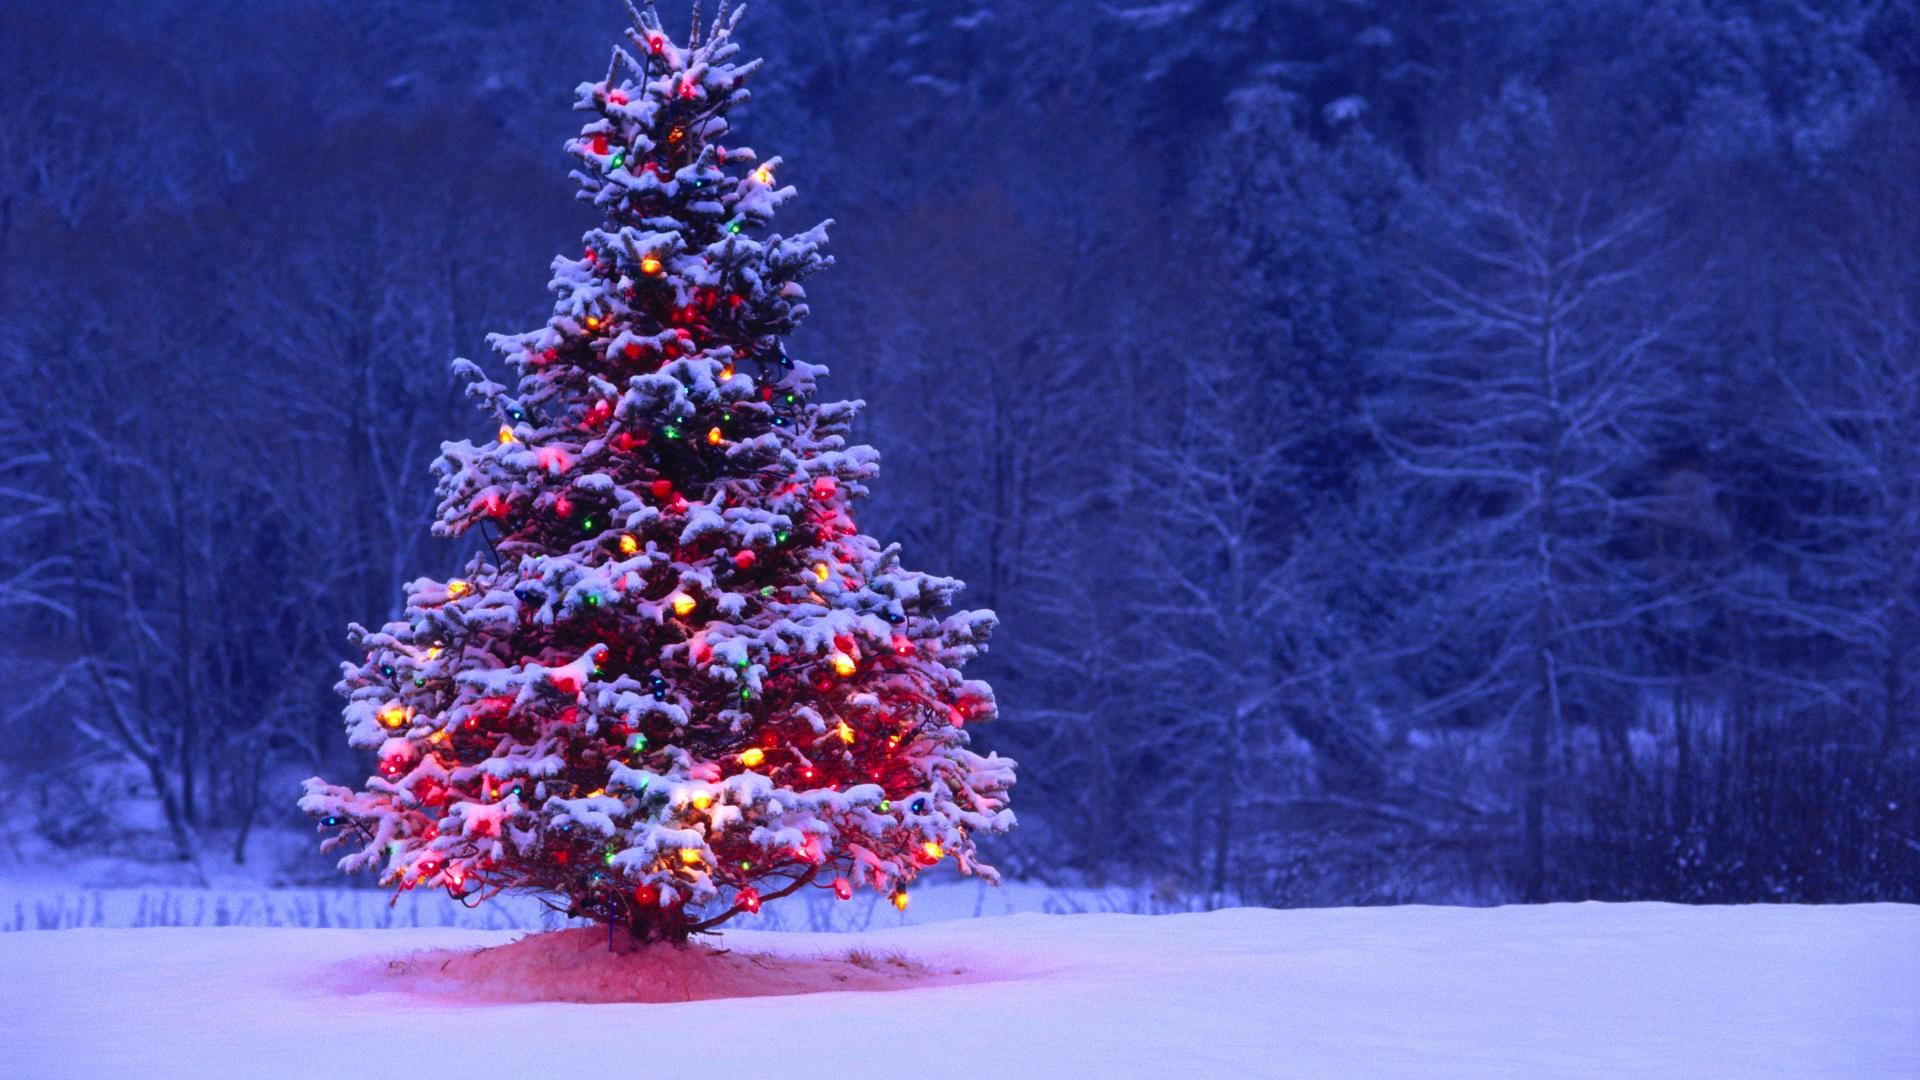 обои для рабочего стола новогодние зима № 616294 бесплатно